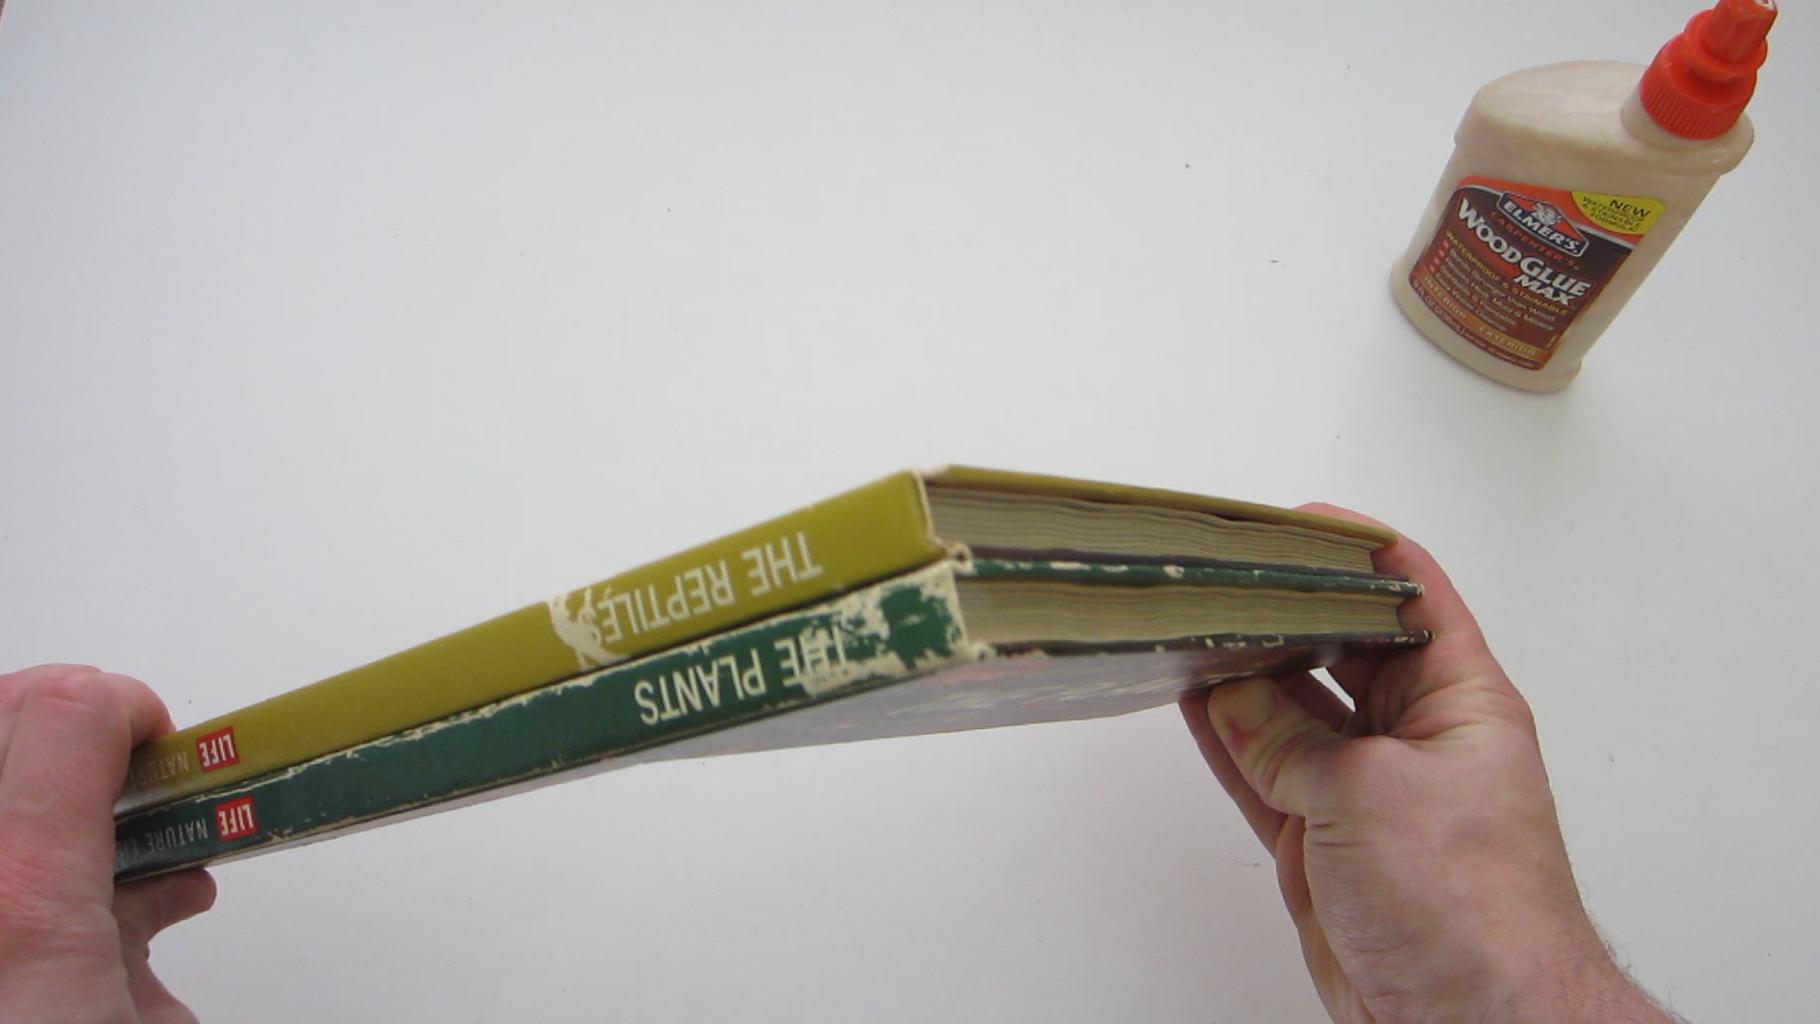 Glue the Books (Optional)